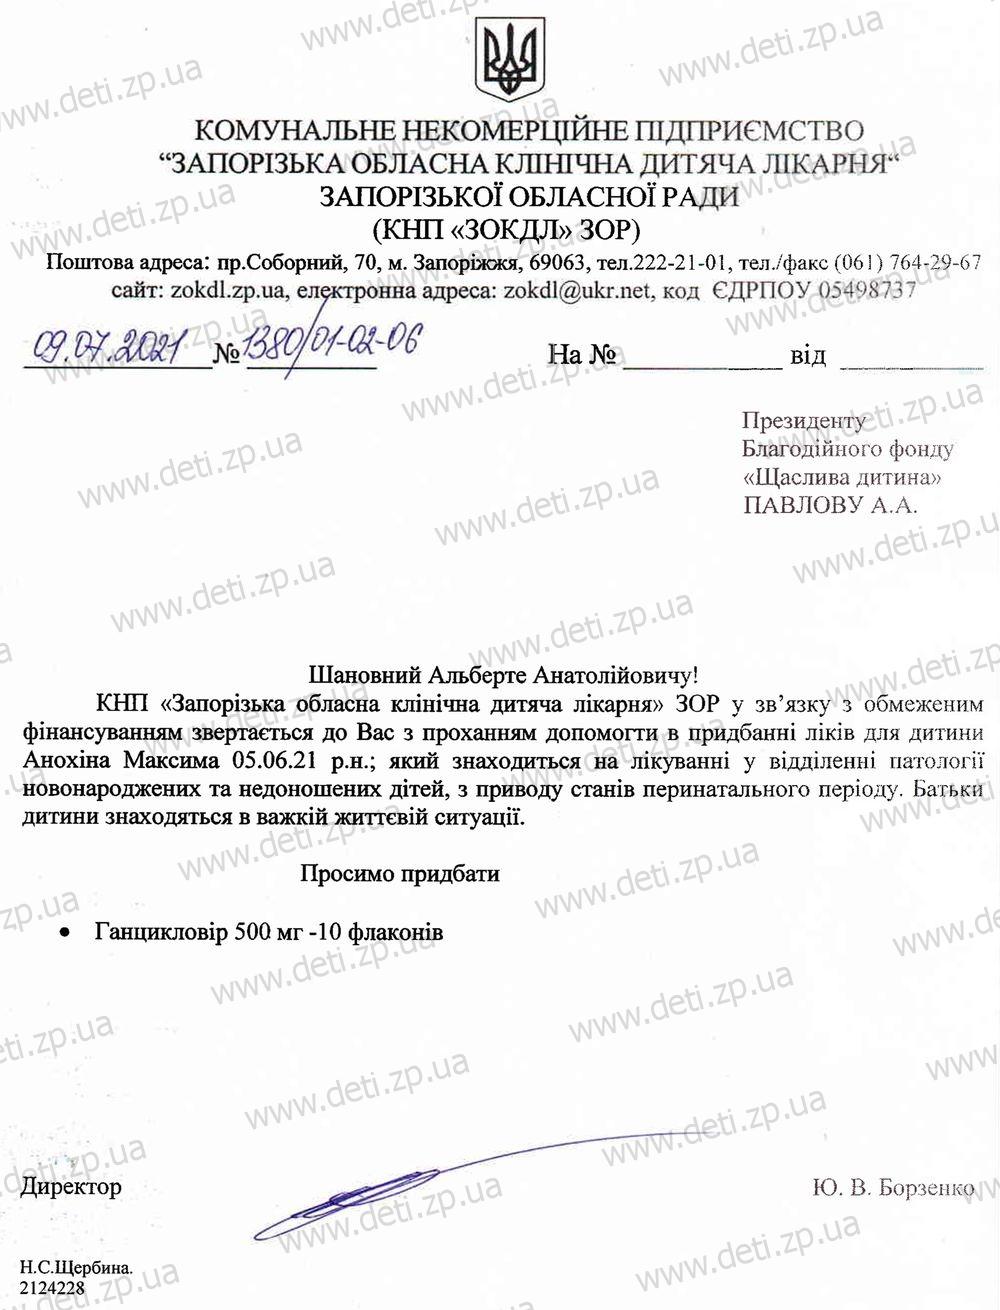 Письмо-просьба Максим Анохин